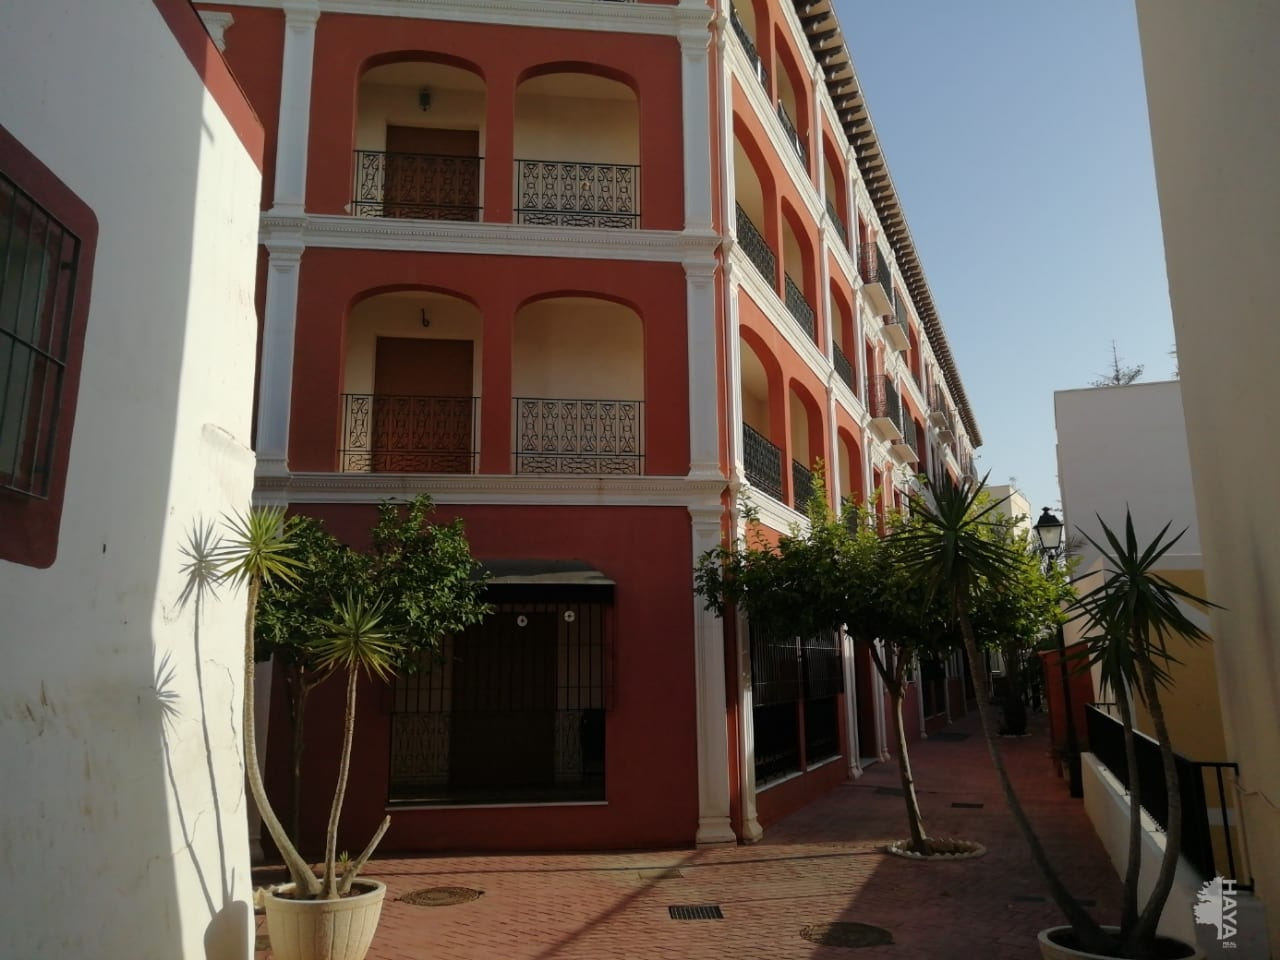 Piso en venta en Cuevas del Almanzora, Almería, Calle Erica de la Piedad, 72.155 €, 3 habitaciones, 1 baño, 104 m2